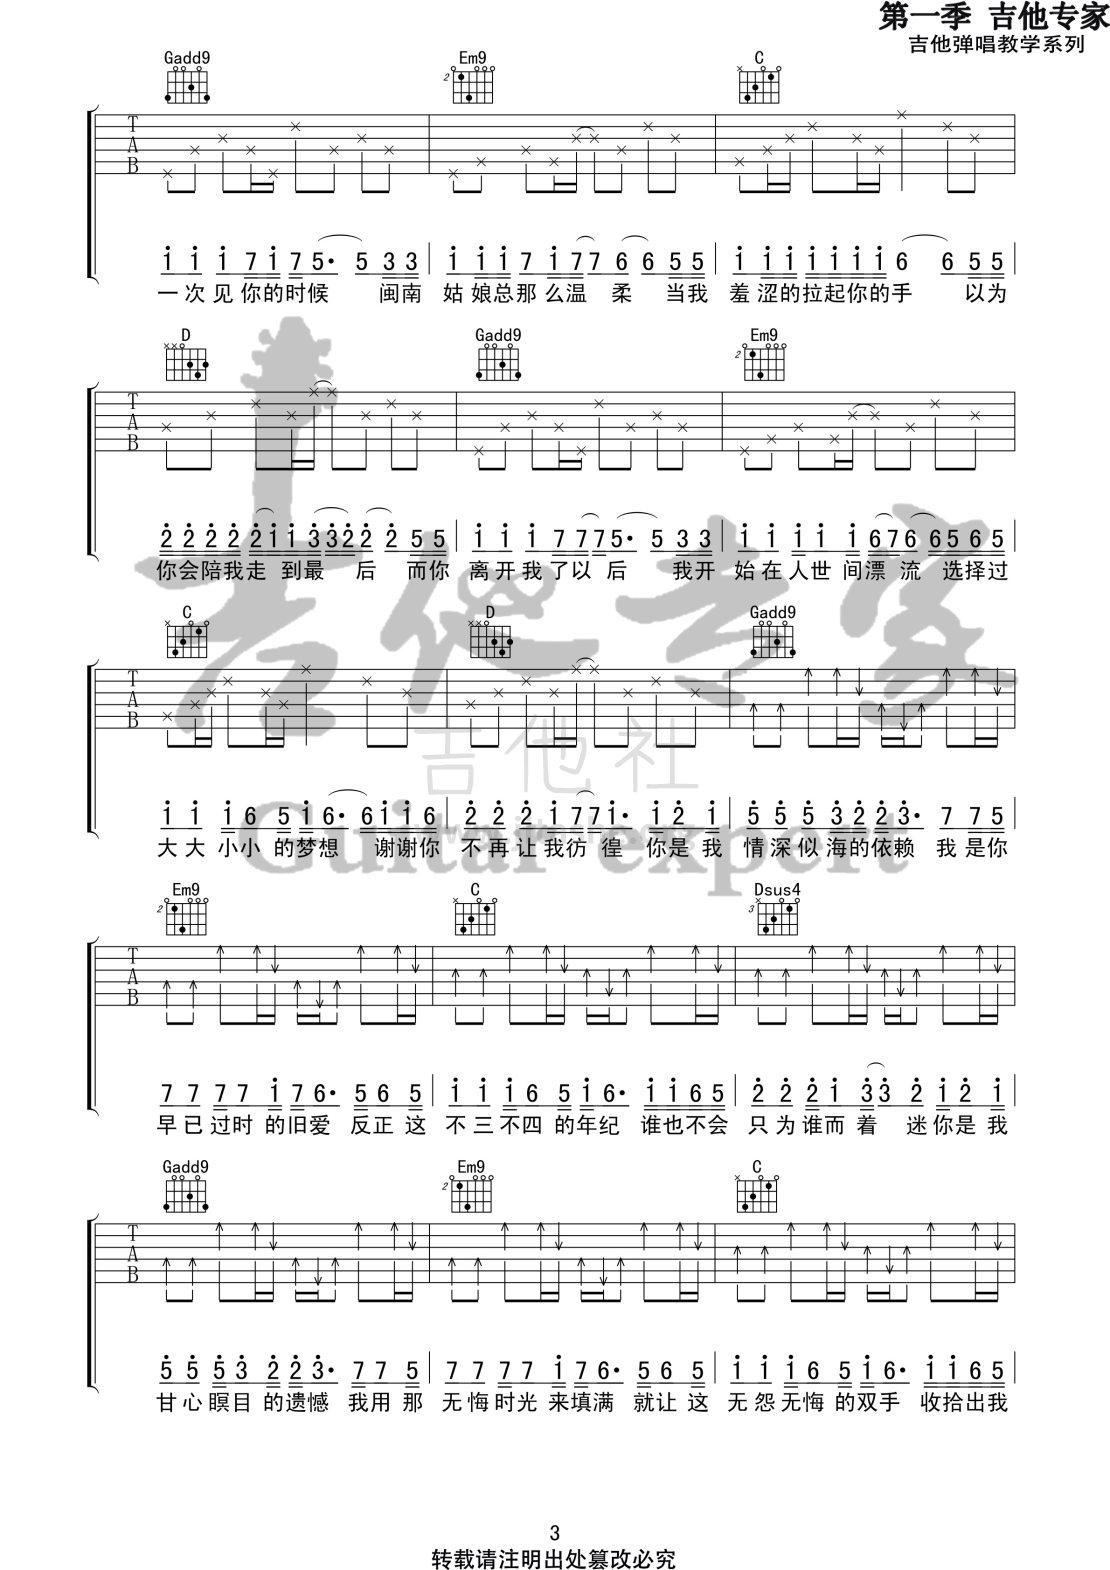 写给黄淮(音艺吉他专家弹唱教学:第一季第3集)吉他谱(图片谱,弹唱,伴奏,教程)_解忧邵帅_写给黄淮3 第一季第三集.jpg